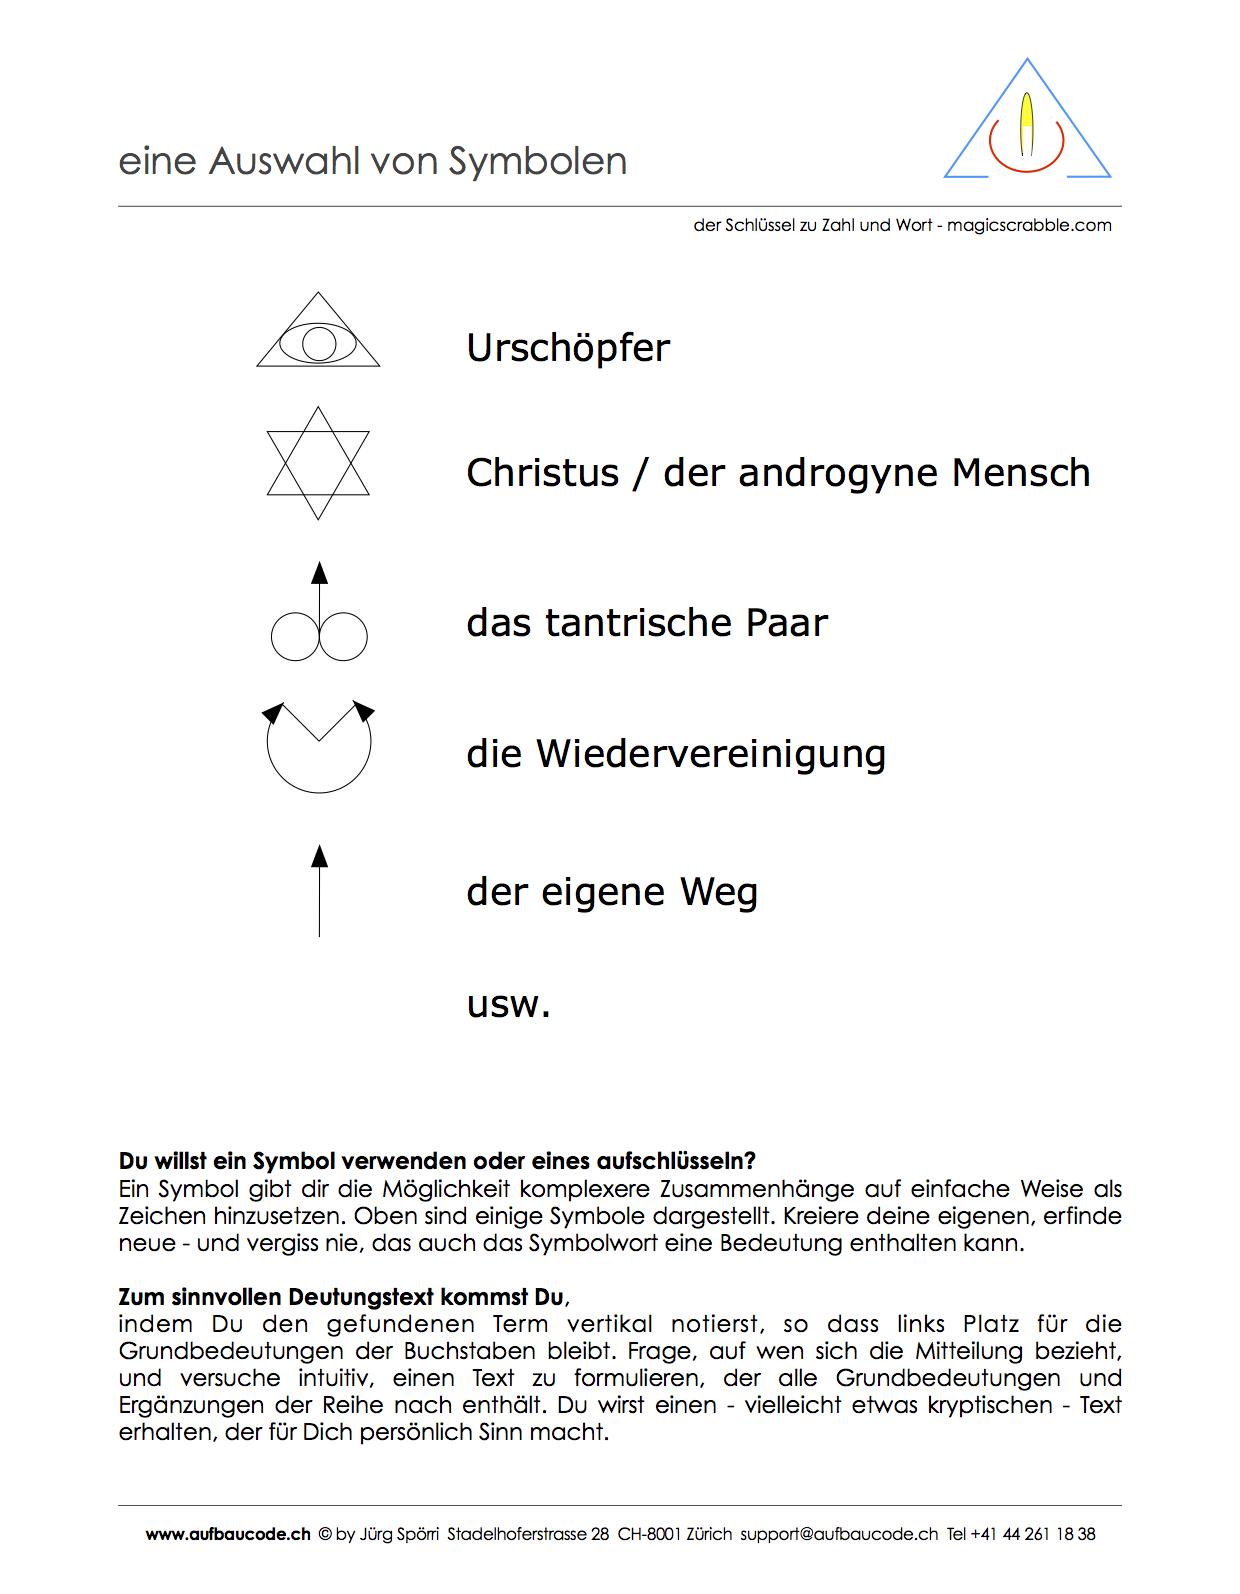 Aufbaucode - Symbole